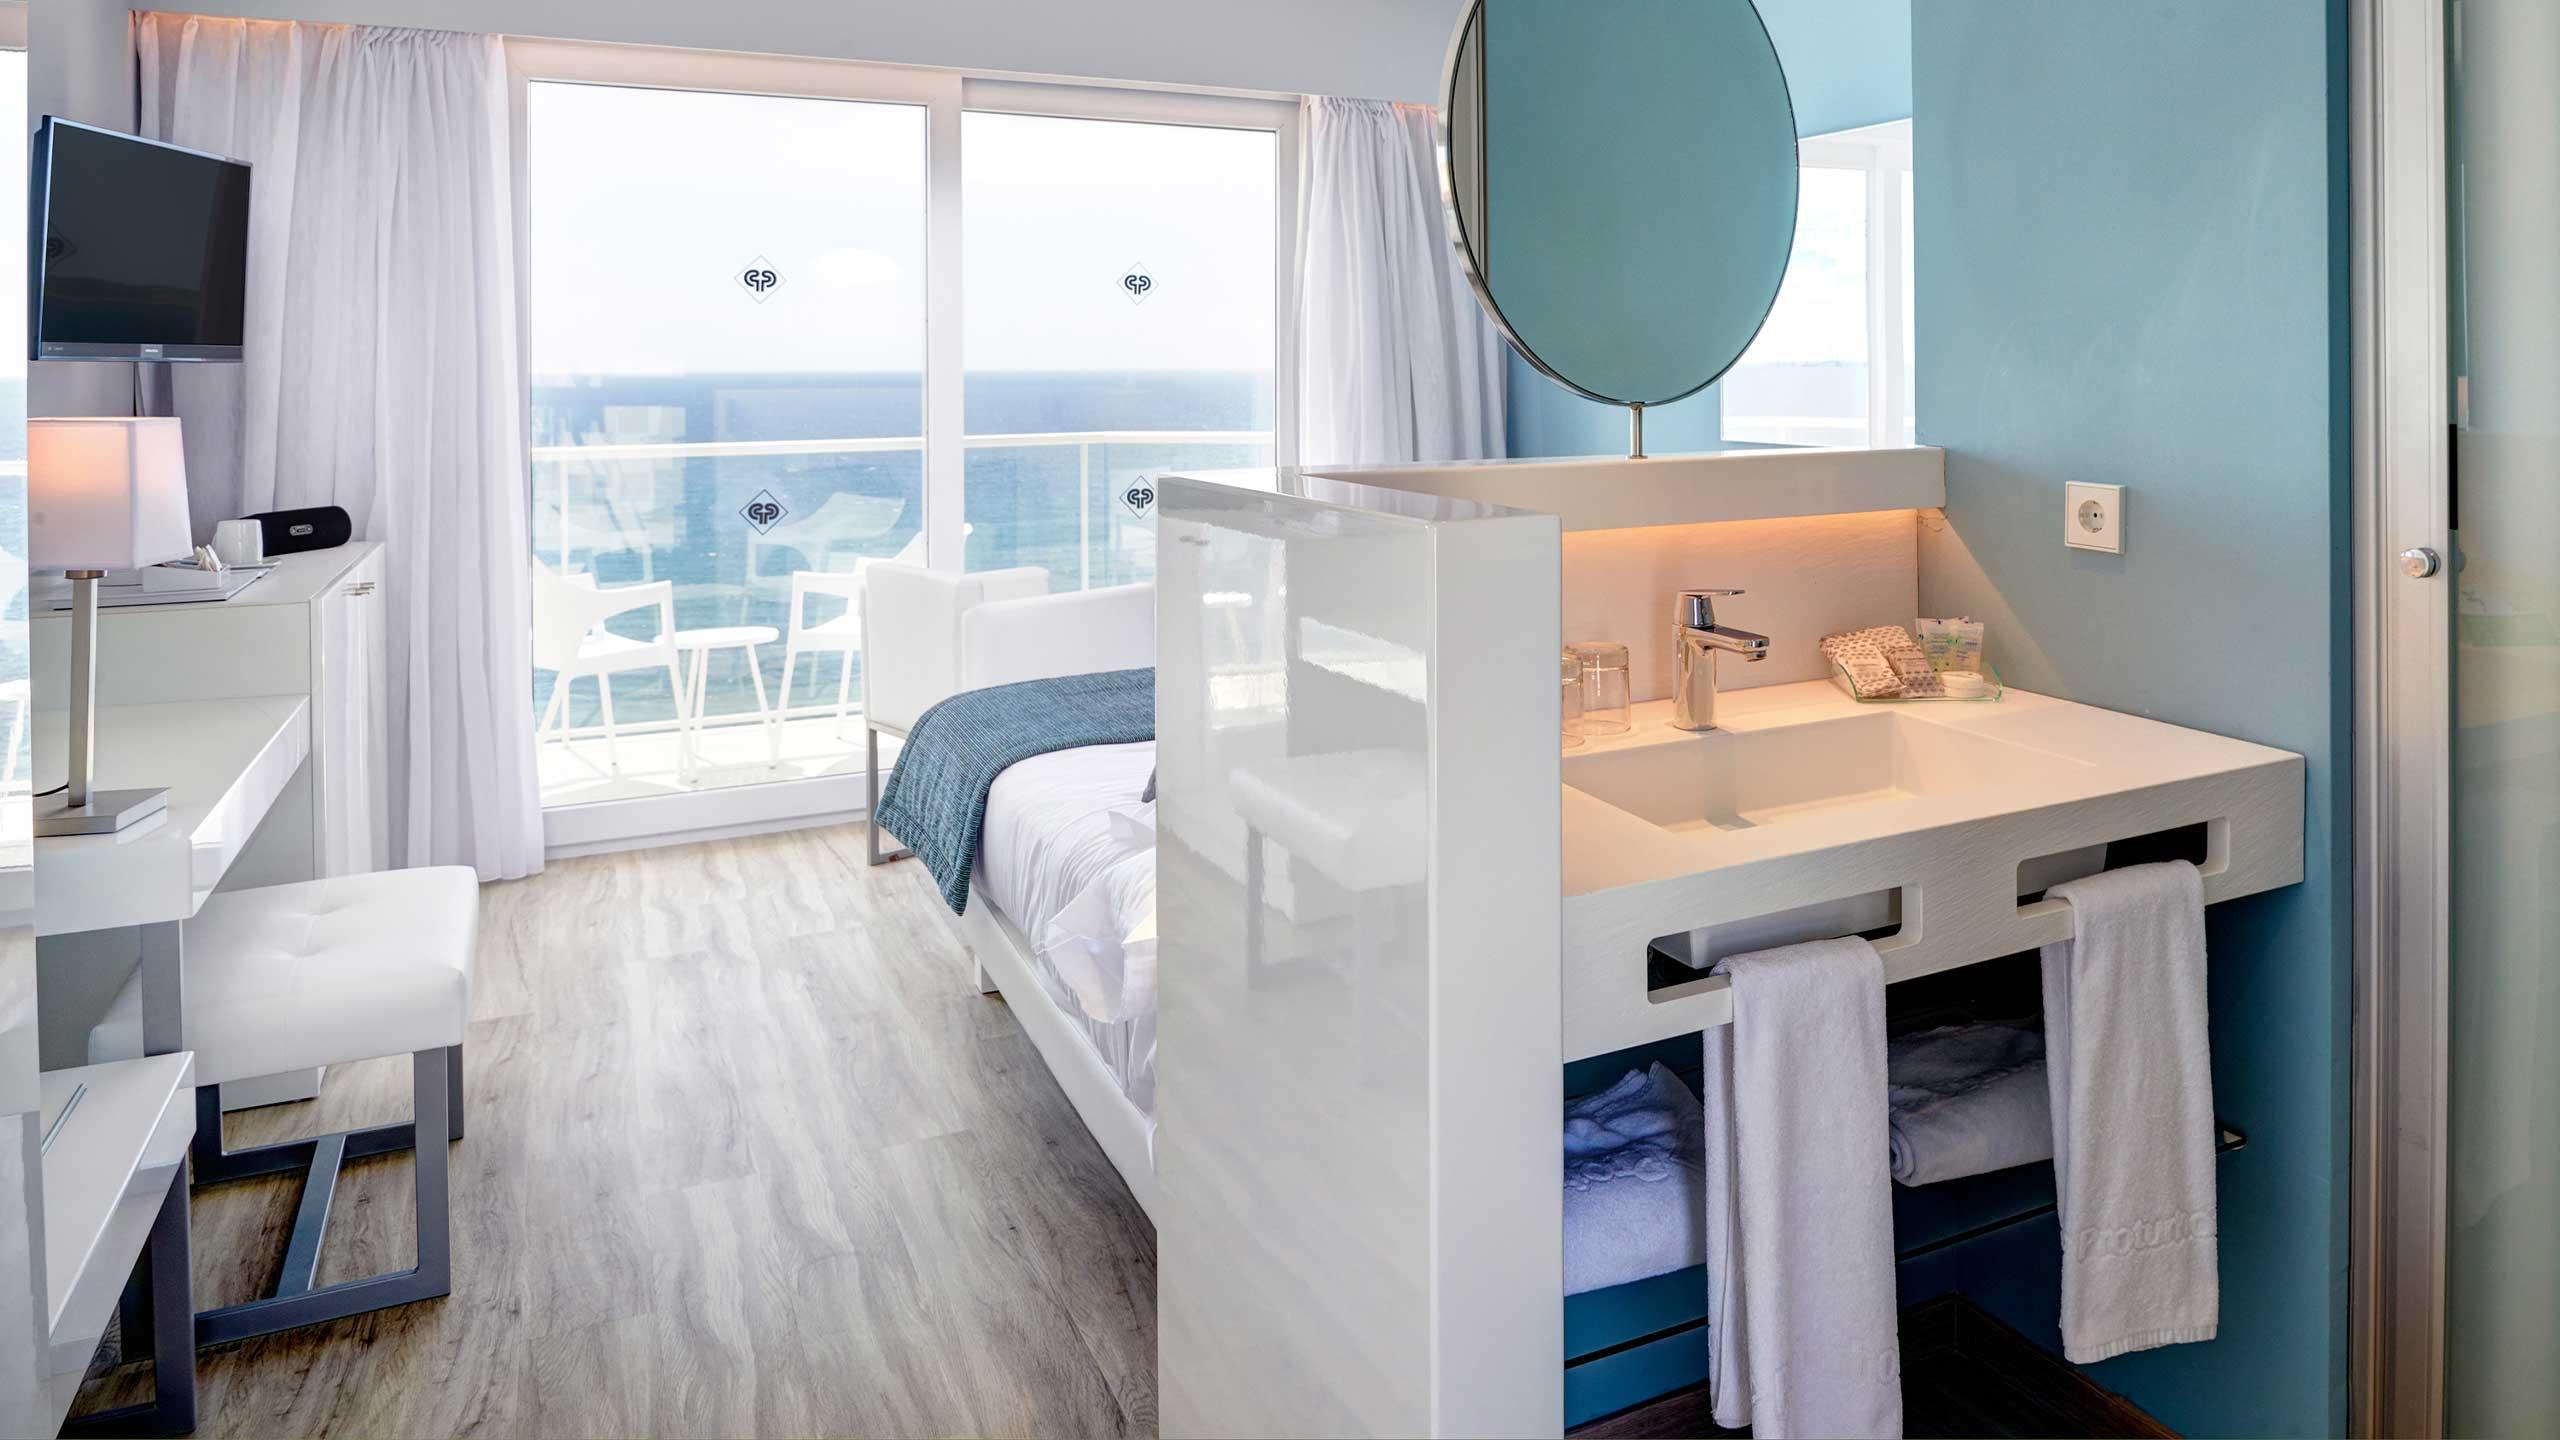 Hotel Protur Alicia Duplex Room